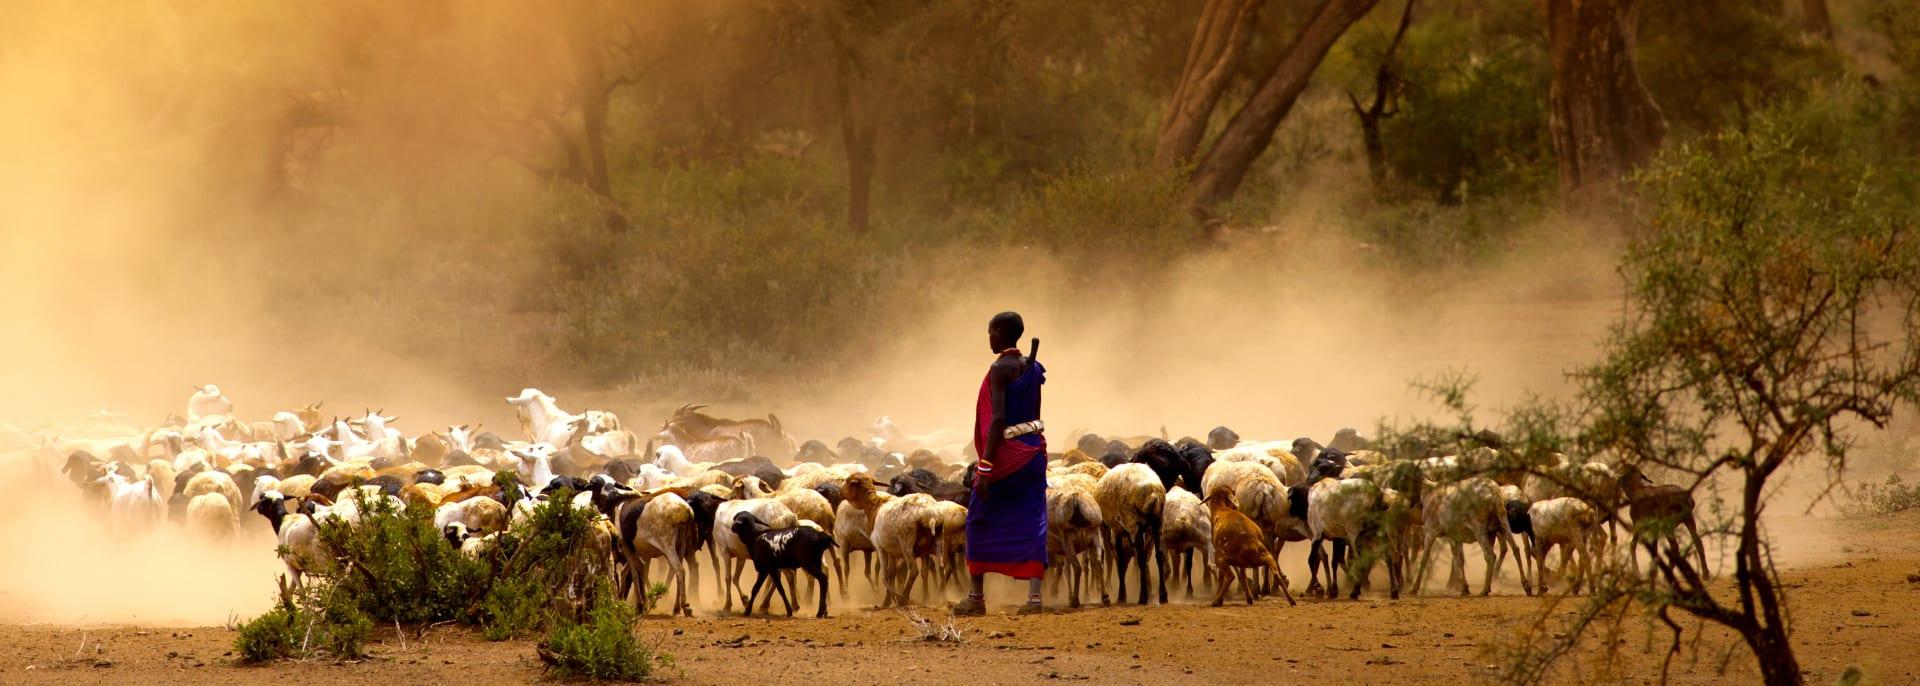 Masai, Tansania/Sansibar